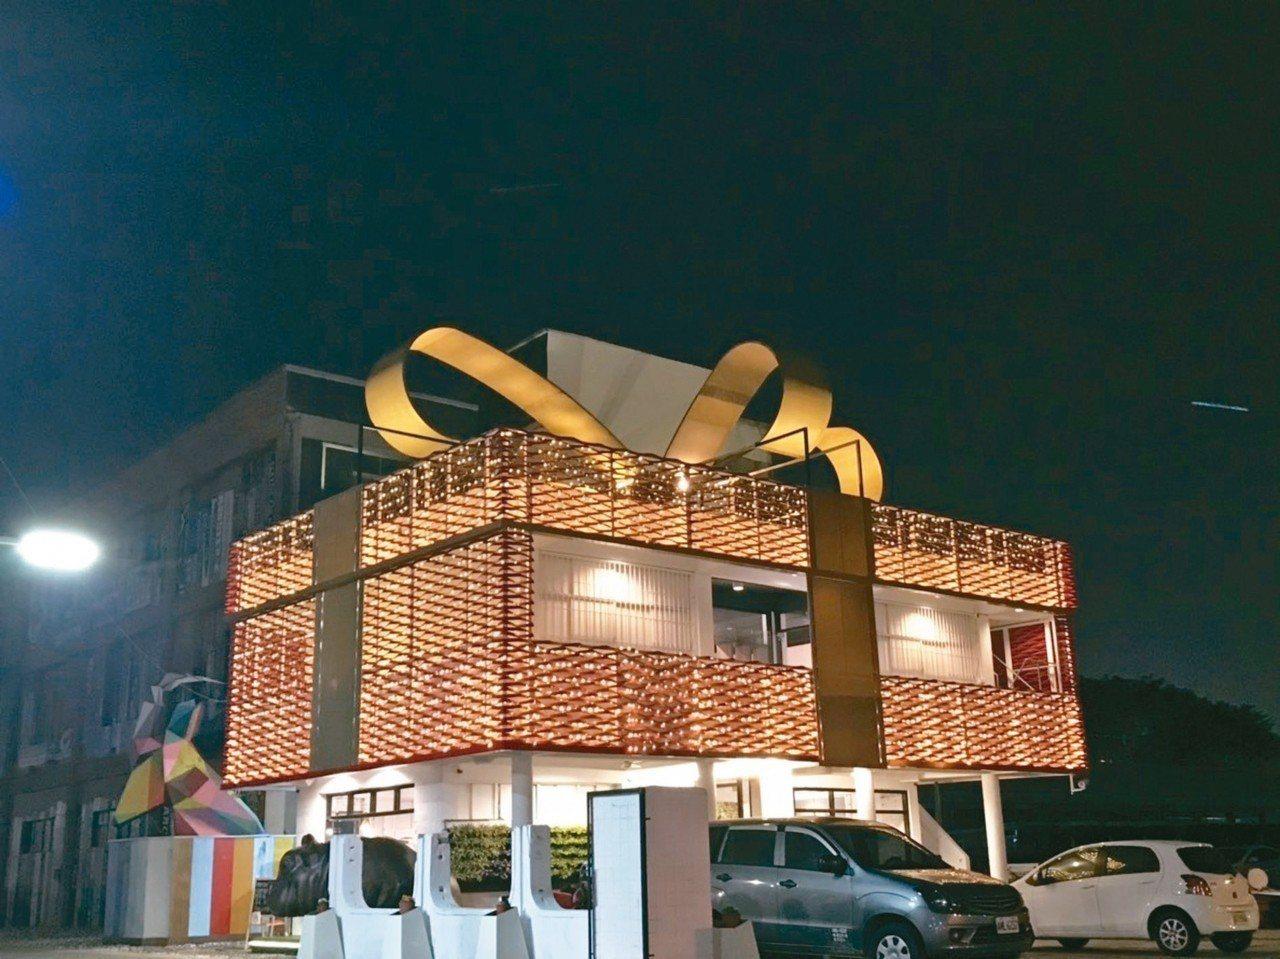 高市交通局將建軍站修理工廠2層樓老舊建物出租,並由鋼雕藝術家陳奕彰打造為「禮物M...